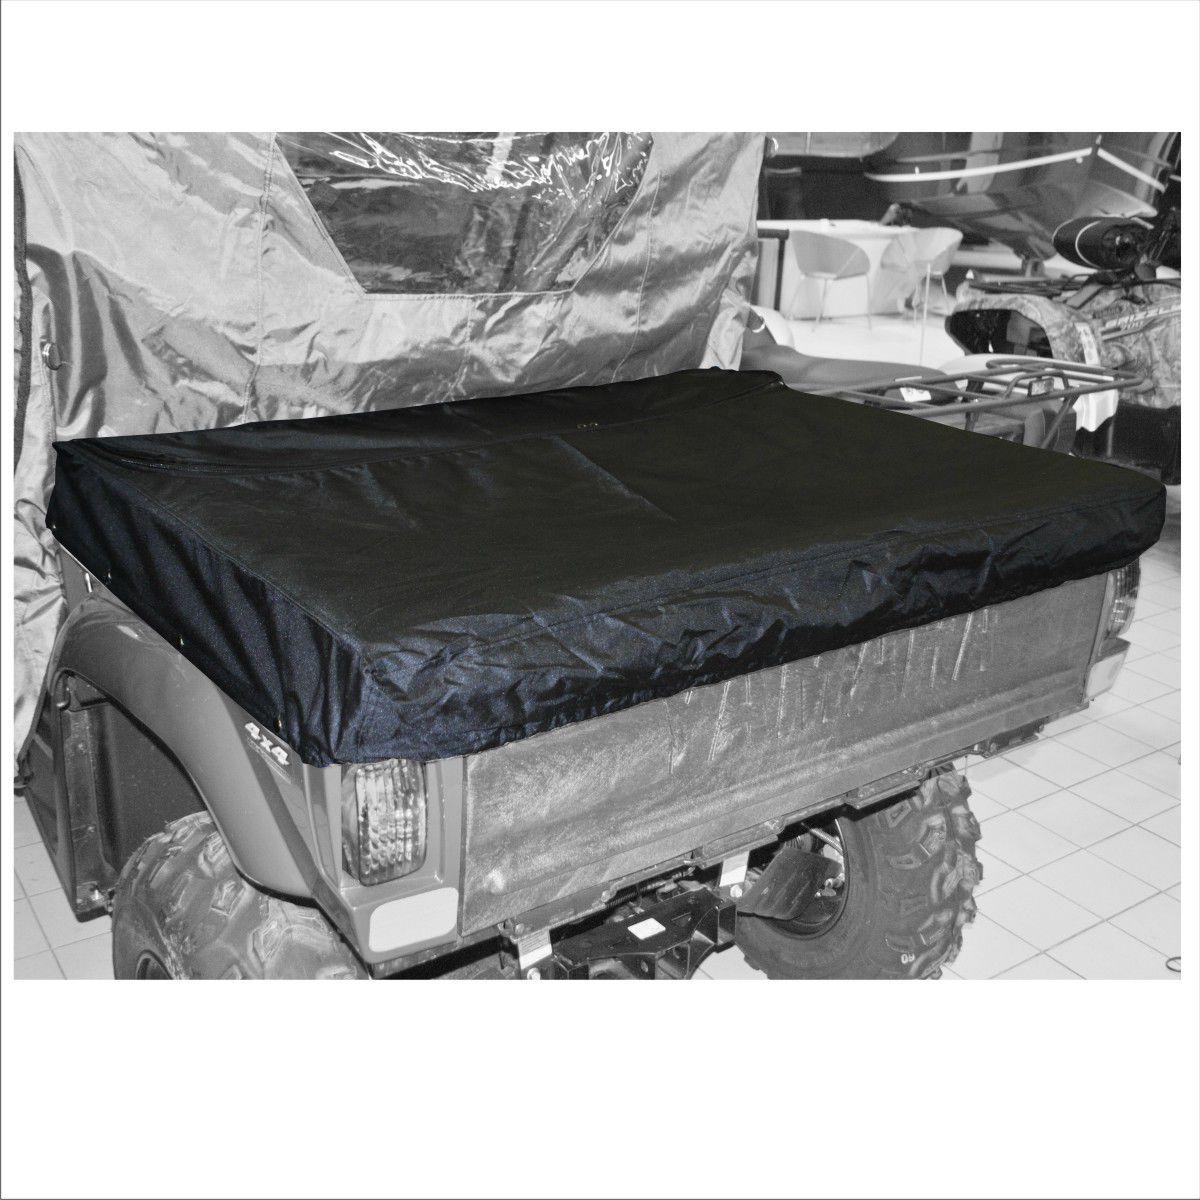 Тент на кузов AG-brand UTV Yamaha Rhino 700, цвет: черныйAG-YAM-UTV-Rh700-CBЧехол на кузов призван защищать кладь в кузове от снега, града, дождя, дорожной пыли, веток и листвы во время заездов на мотовездеходе. Система креплений (кнопки) позволяет надежно установить чехол на кузов мотовездехода. Дополнительная молния позволяет получить частичный доступ в кузов не смимая всего чехла.